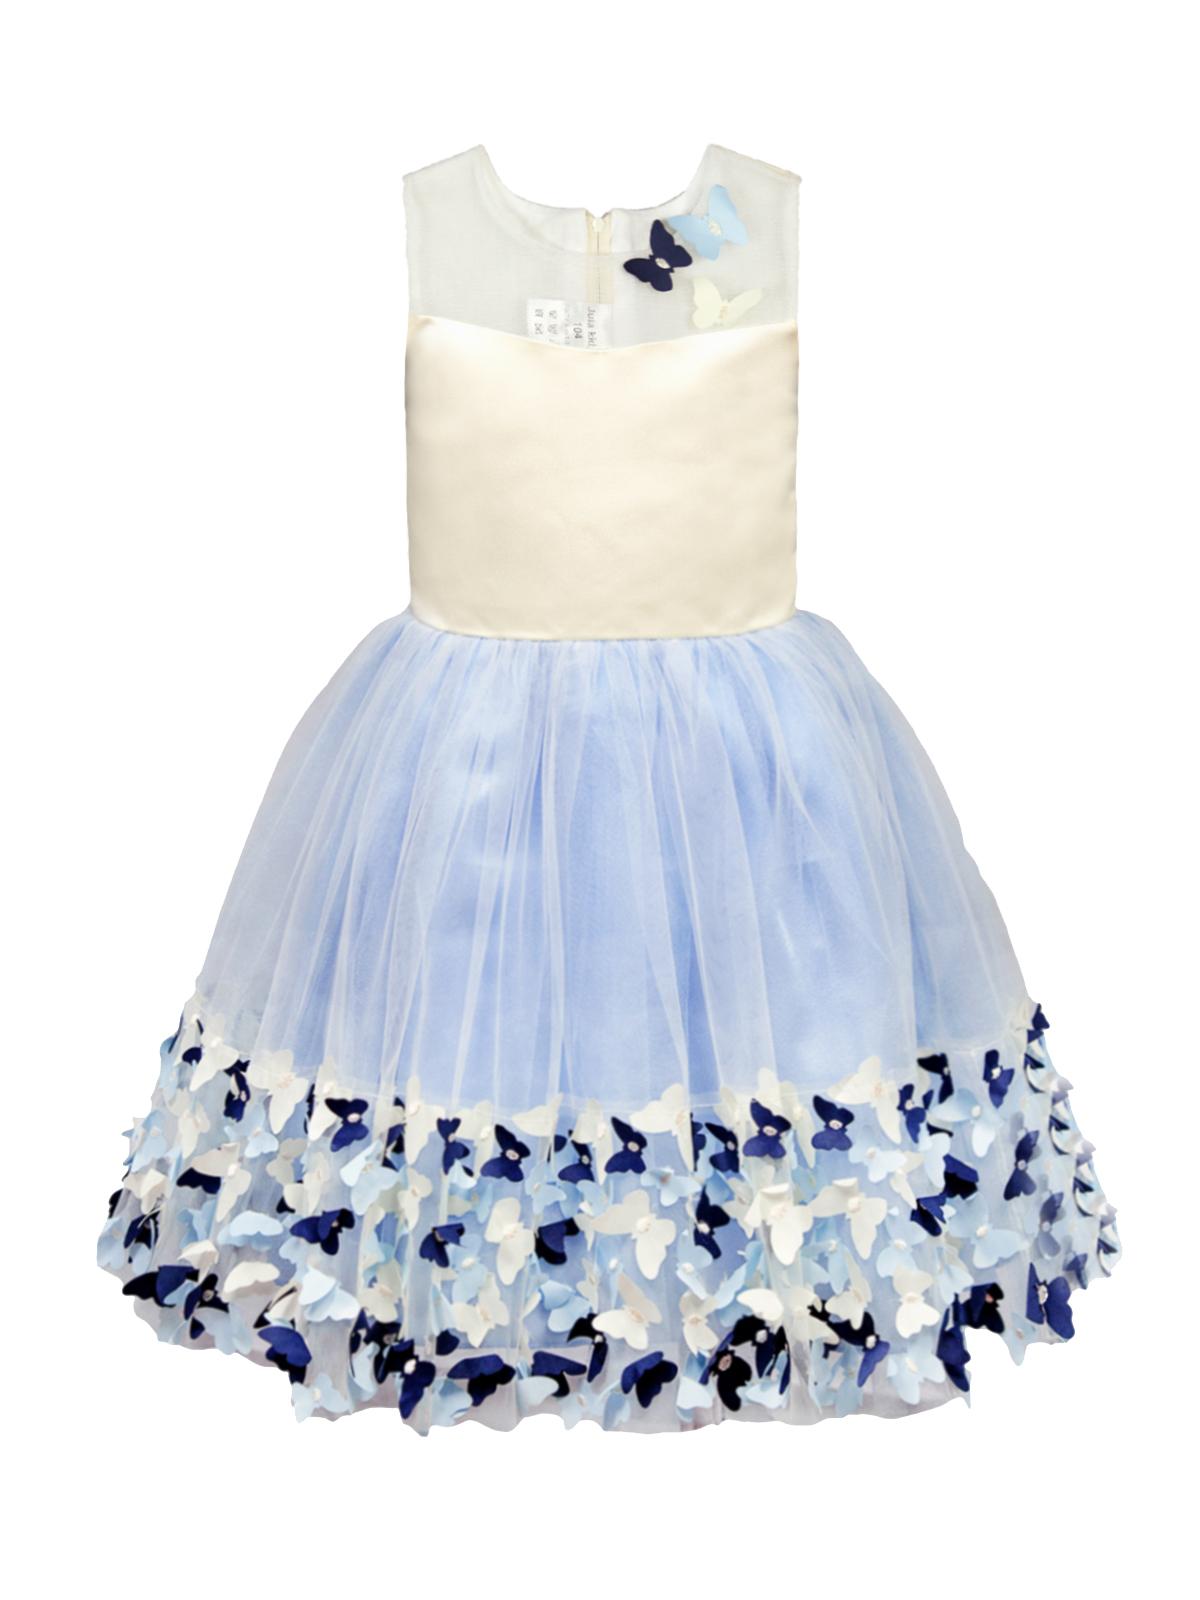 Нарядное платье для девочки, арт.190207, возраст от 5 до 8 лет